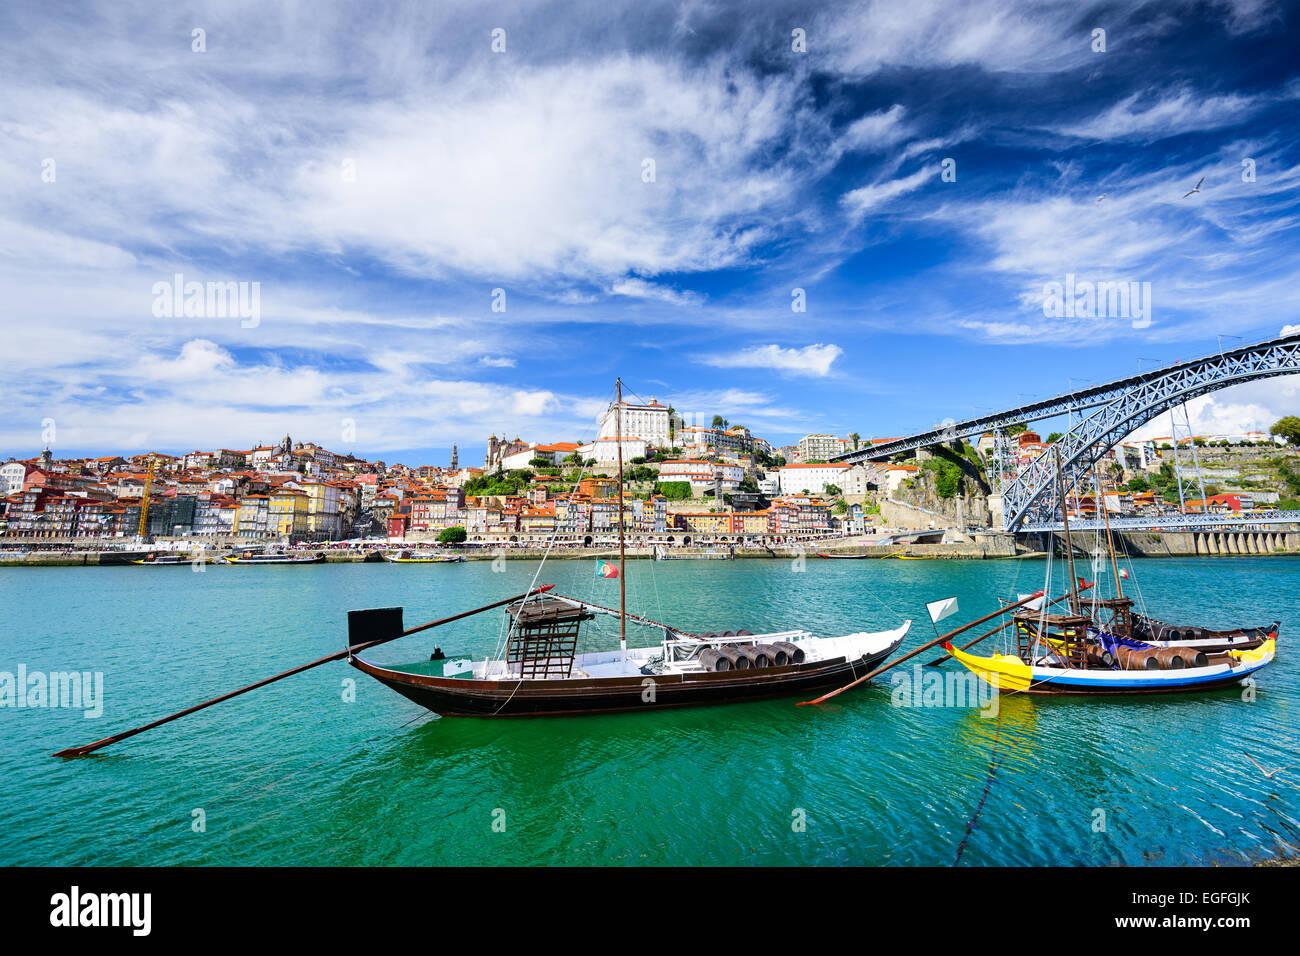 Porto, Portogallo città vecchia vista sul fiume Douro con rabelo barche. Immagini Stock